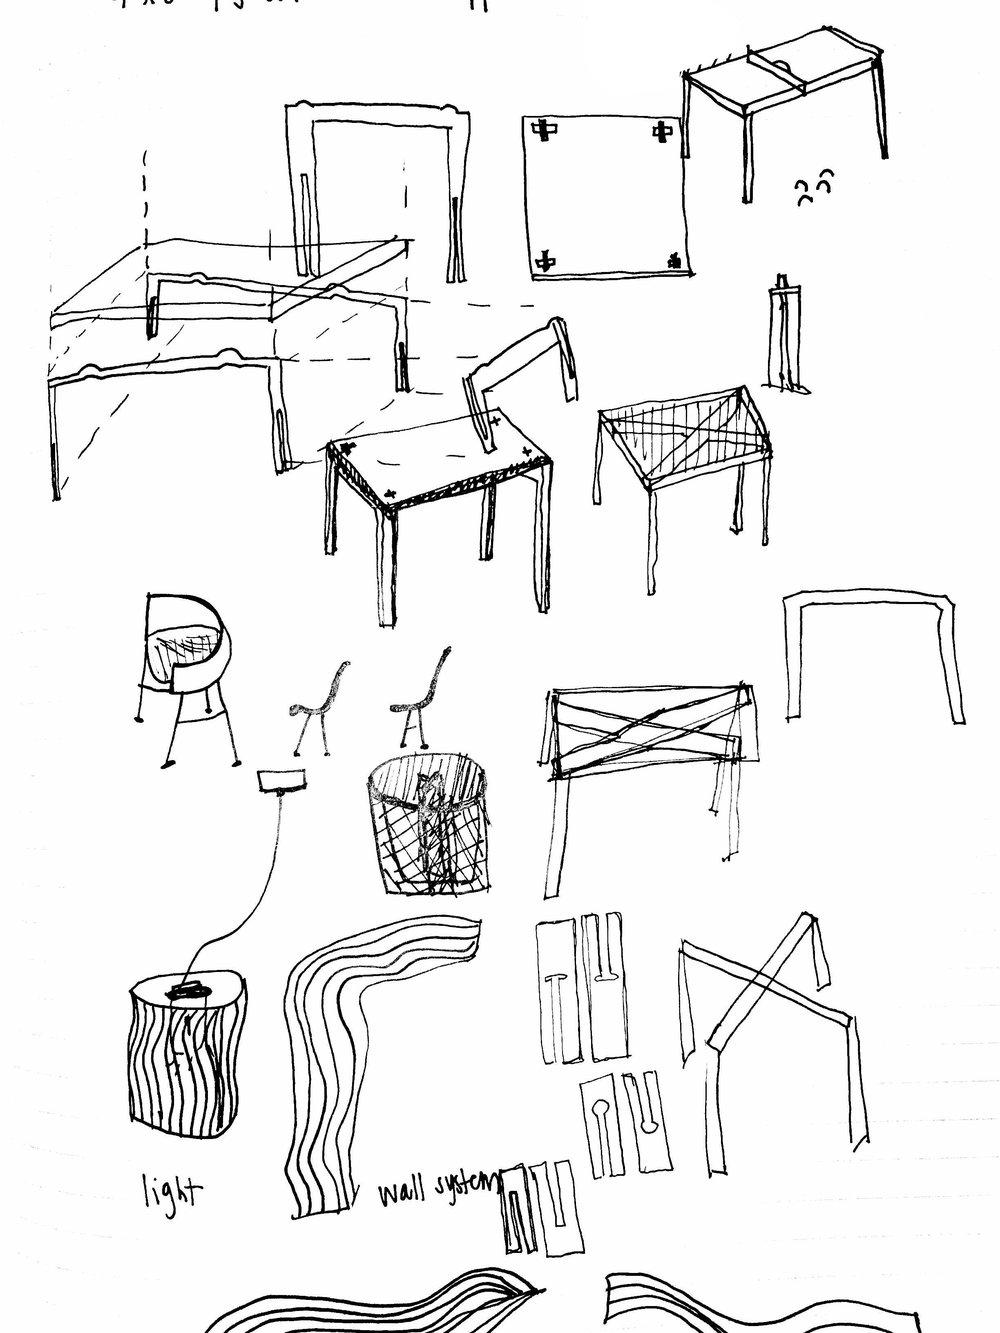 slat_sketches.jpg